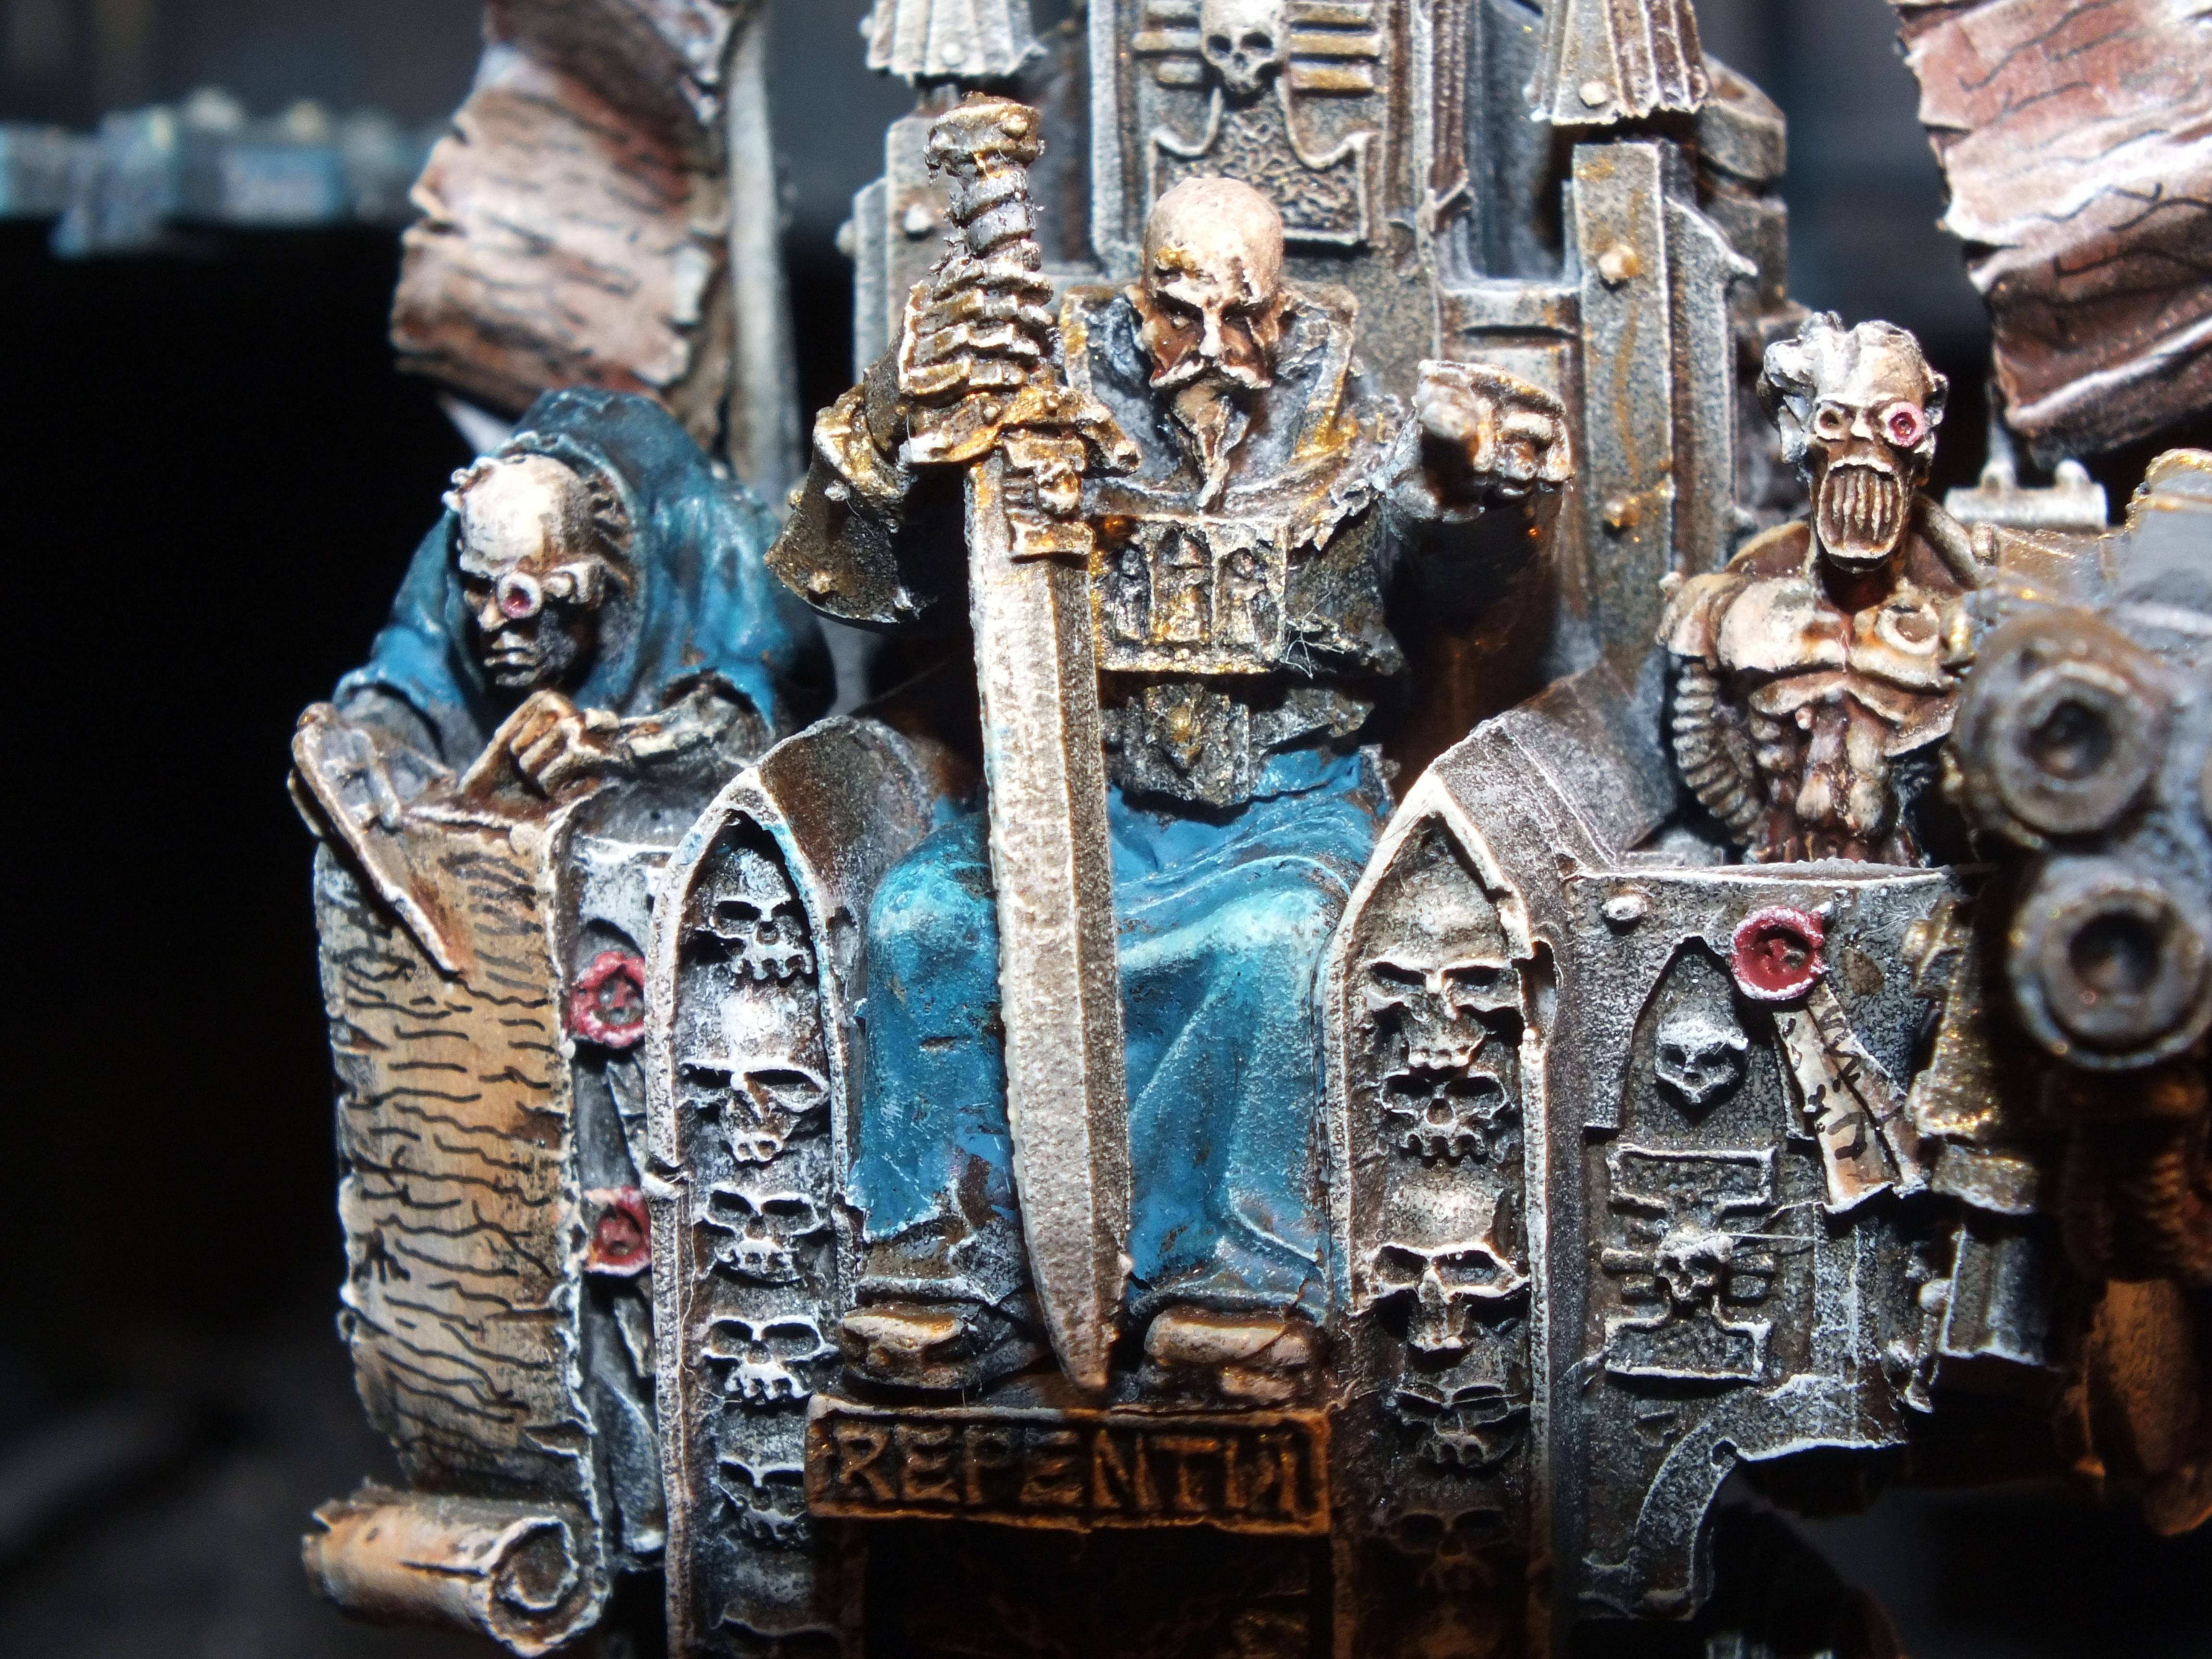 Inquistor, Retinue, Inquisitor Karamazov - detail